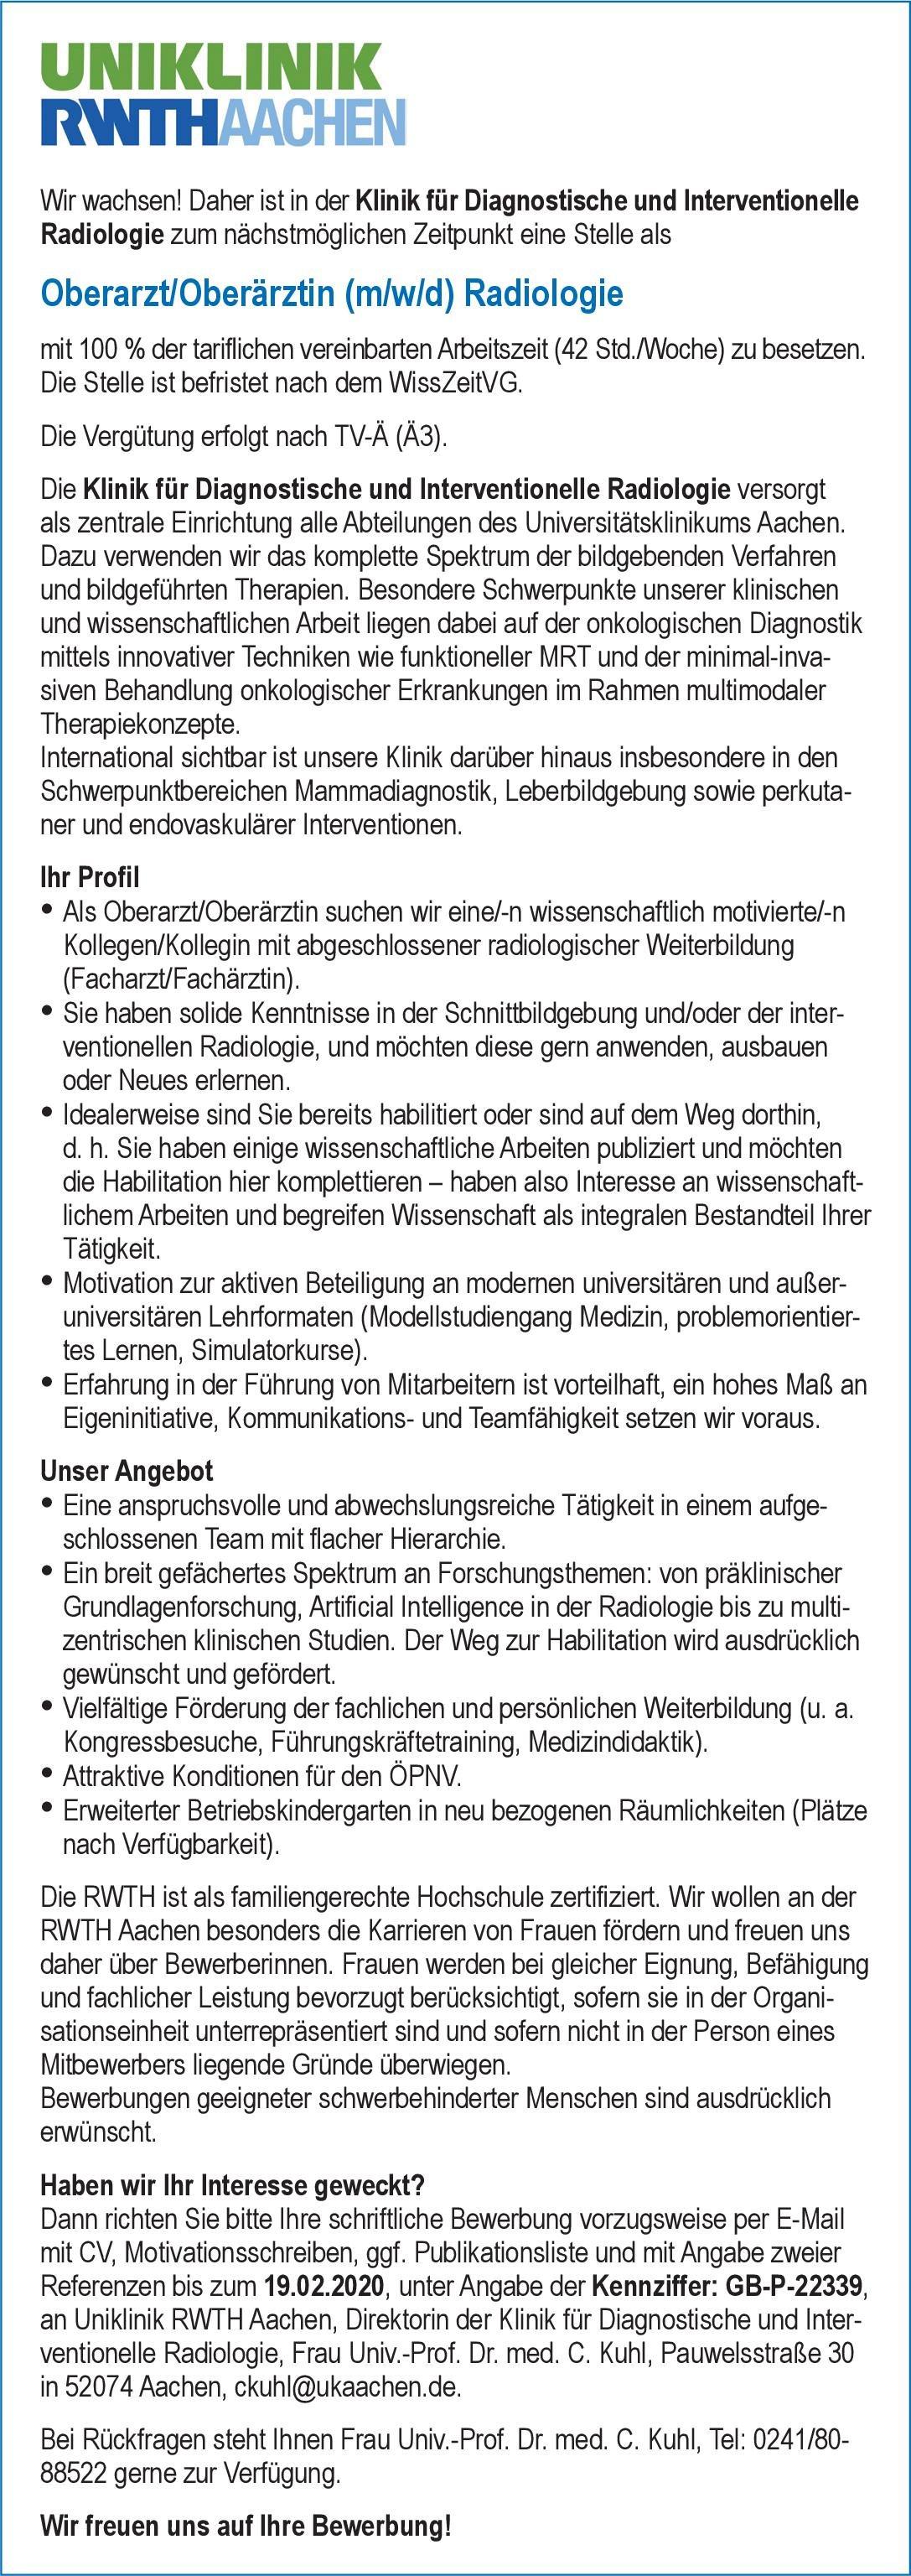 Uniklinik RWTH Aachen Oberarzt/Oberärztin (m/w/d) Radiologie  Radiologie, Radiologie Oberarzt